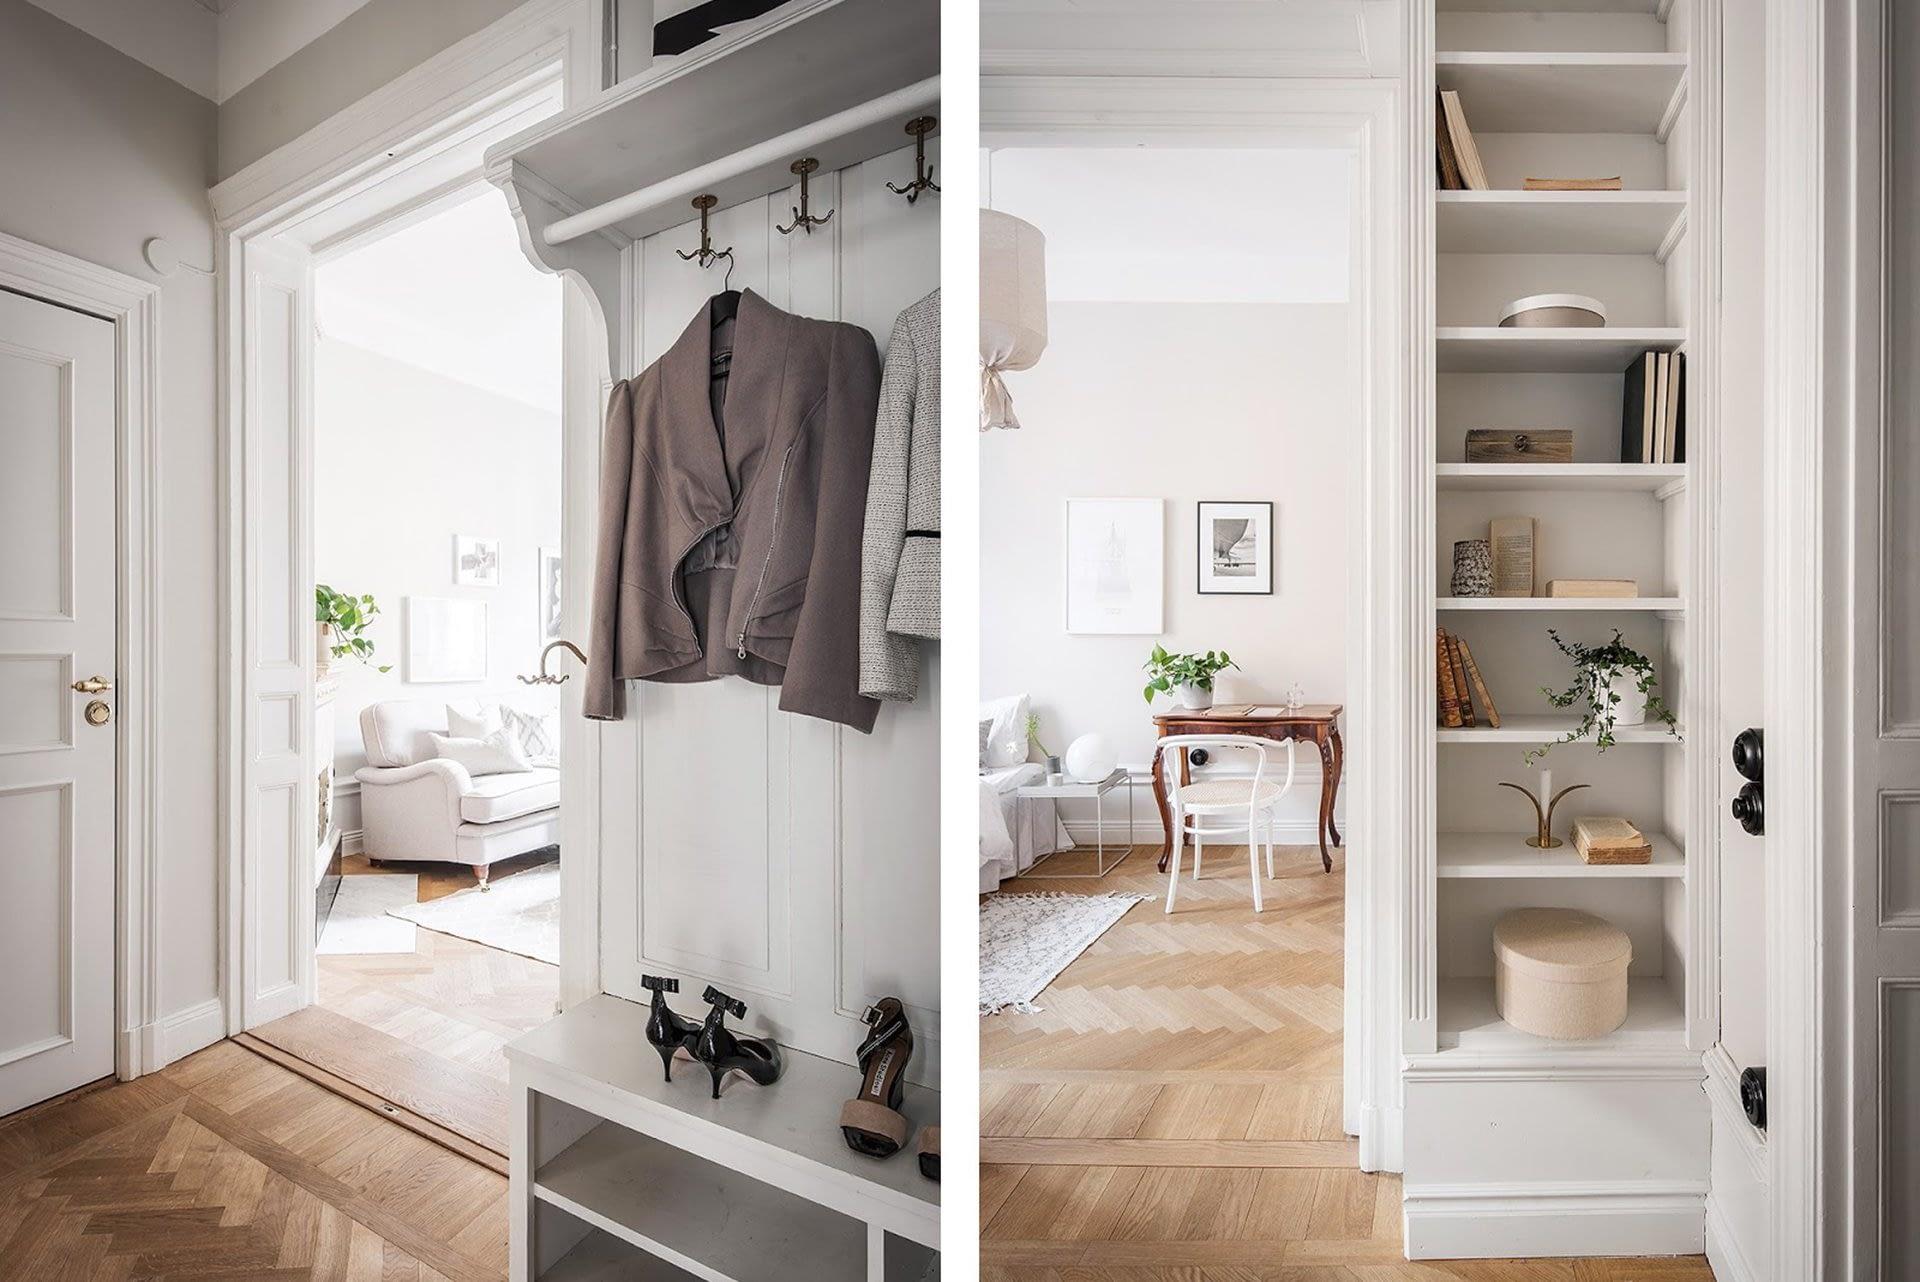 Amenajare scandinava in tonuri naturale de culoare intr-un apartament de 43 mp. 23